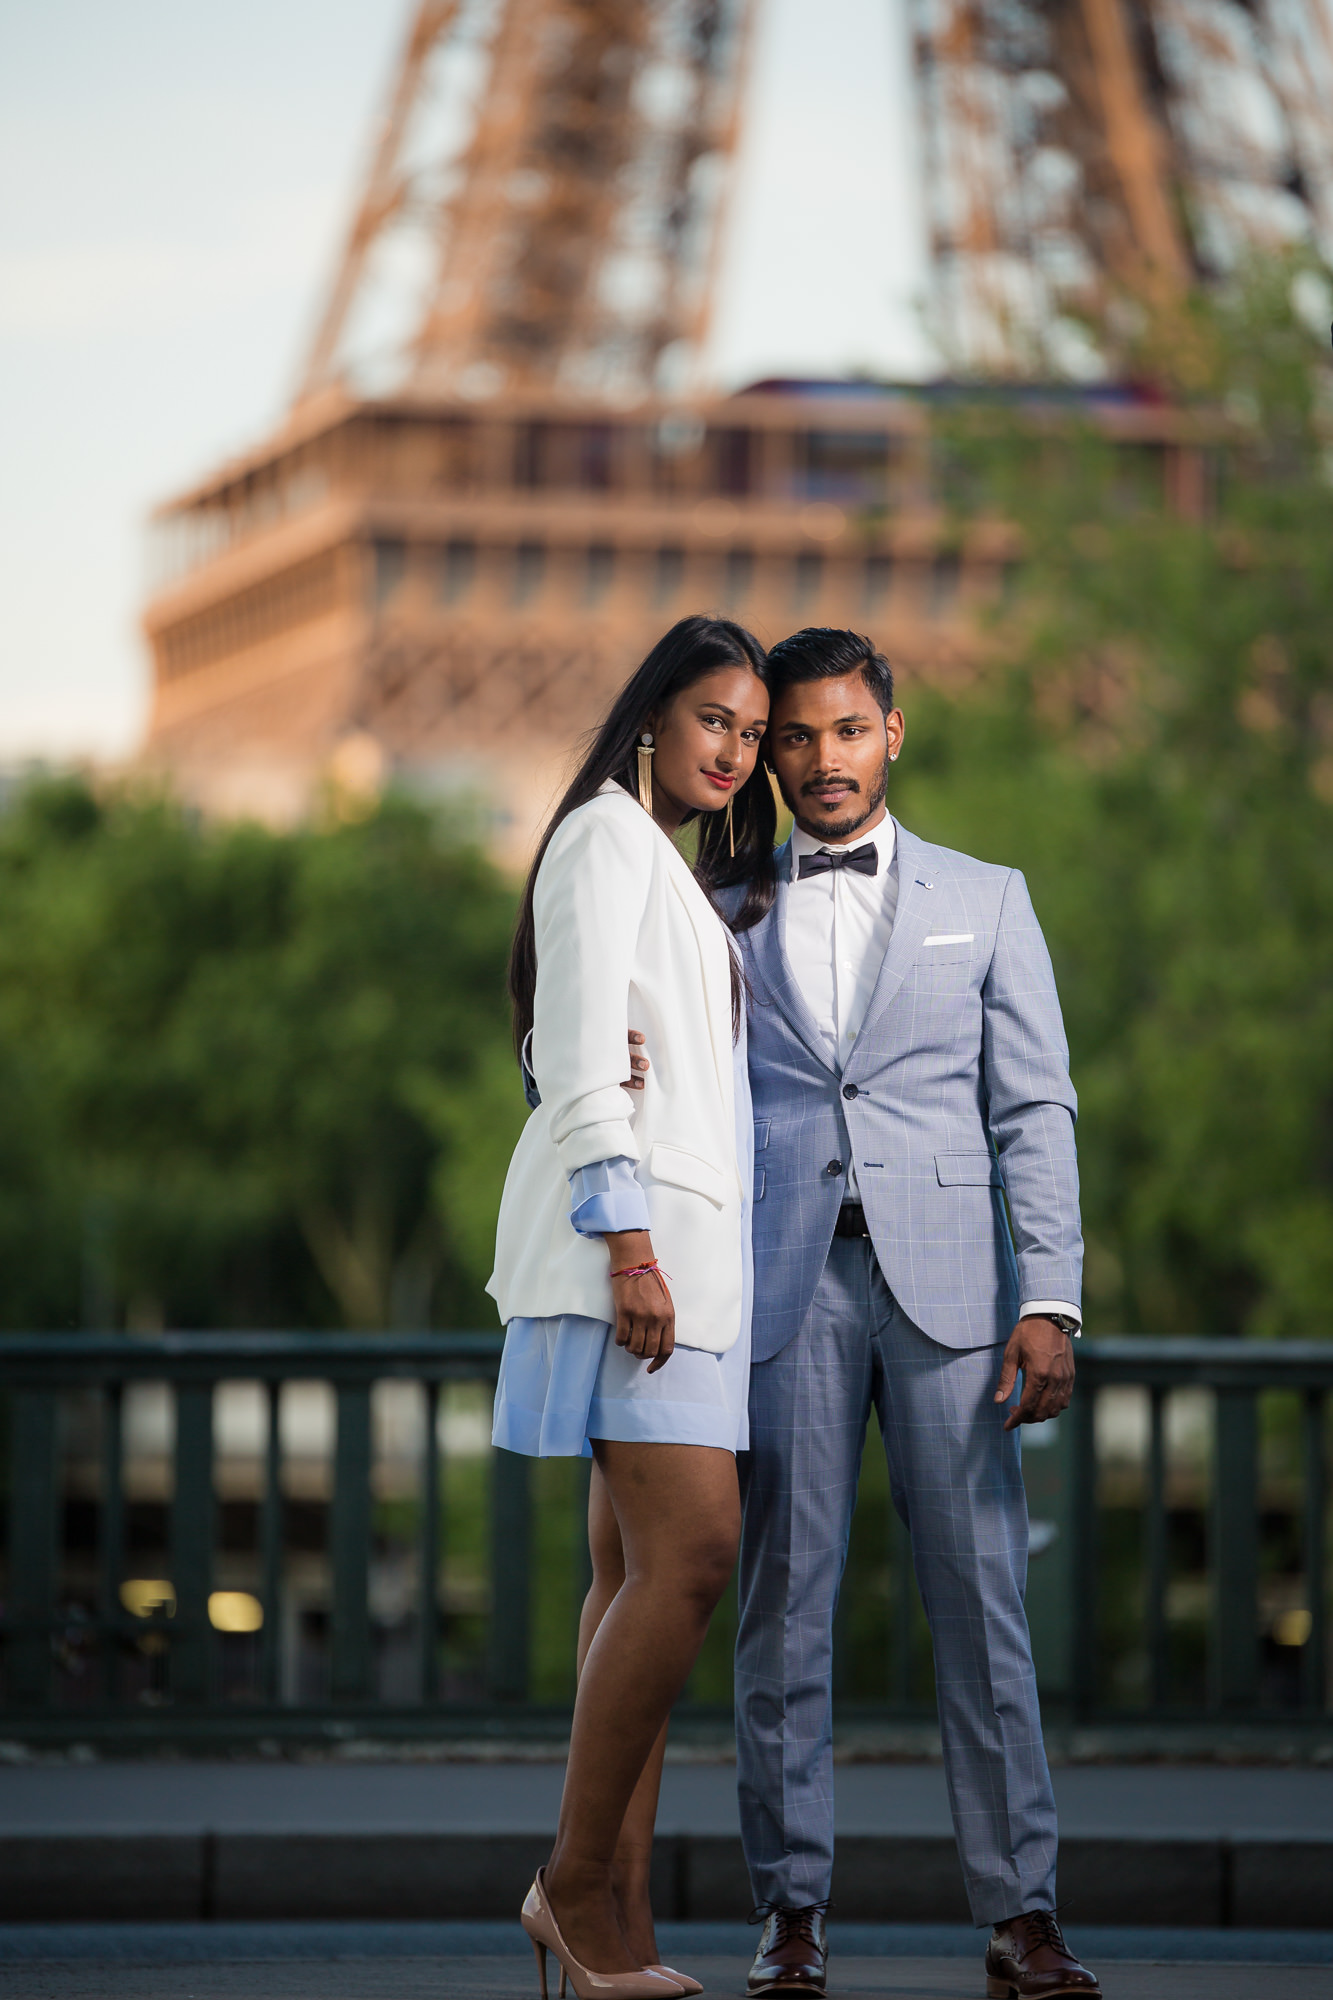 Séance engagement PARIS couple Sri-Lankais tour eiffel